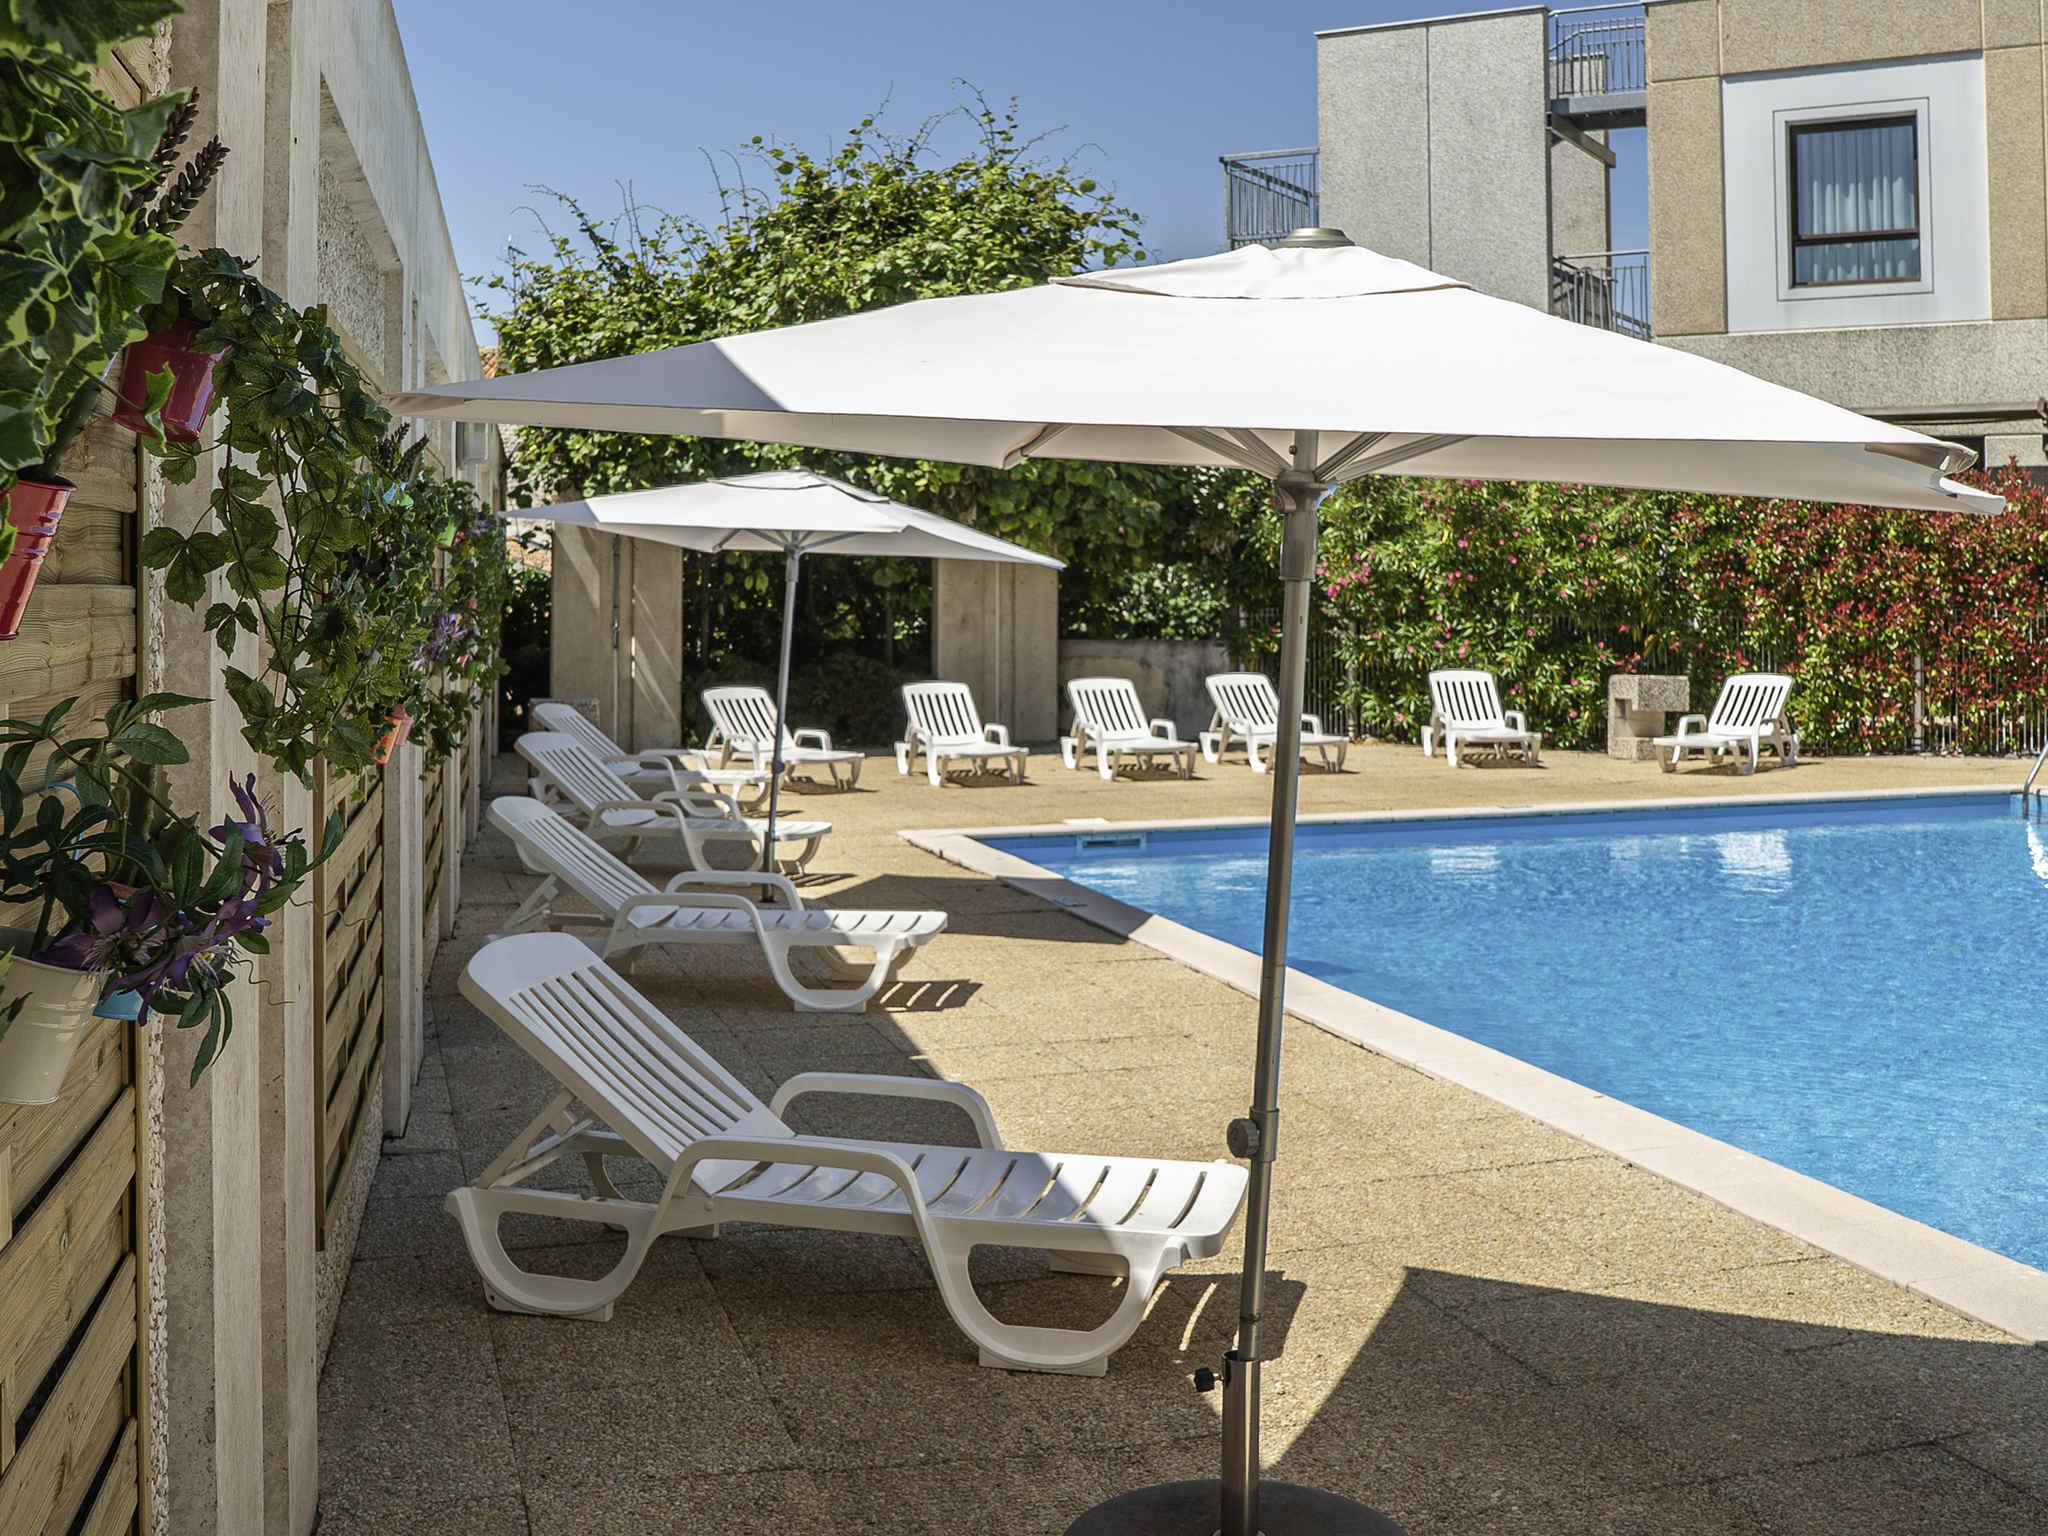 Hotel – Albergo Mercure Niort Marais Poitevin